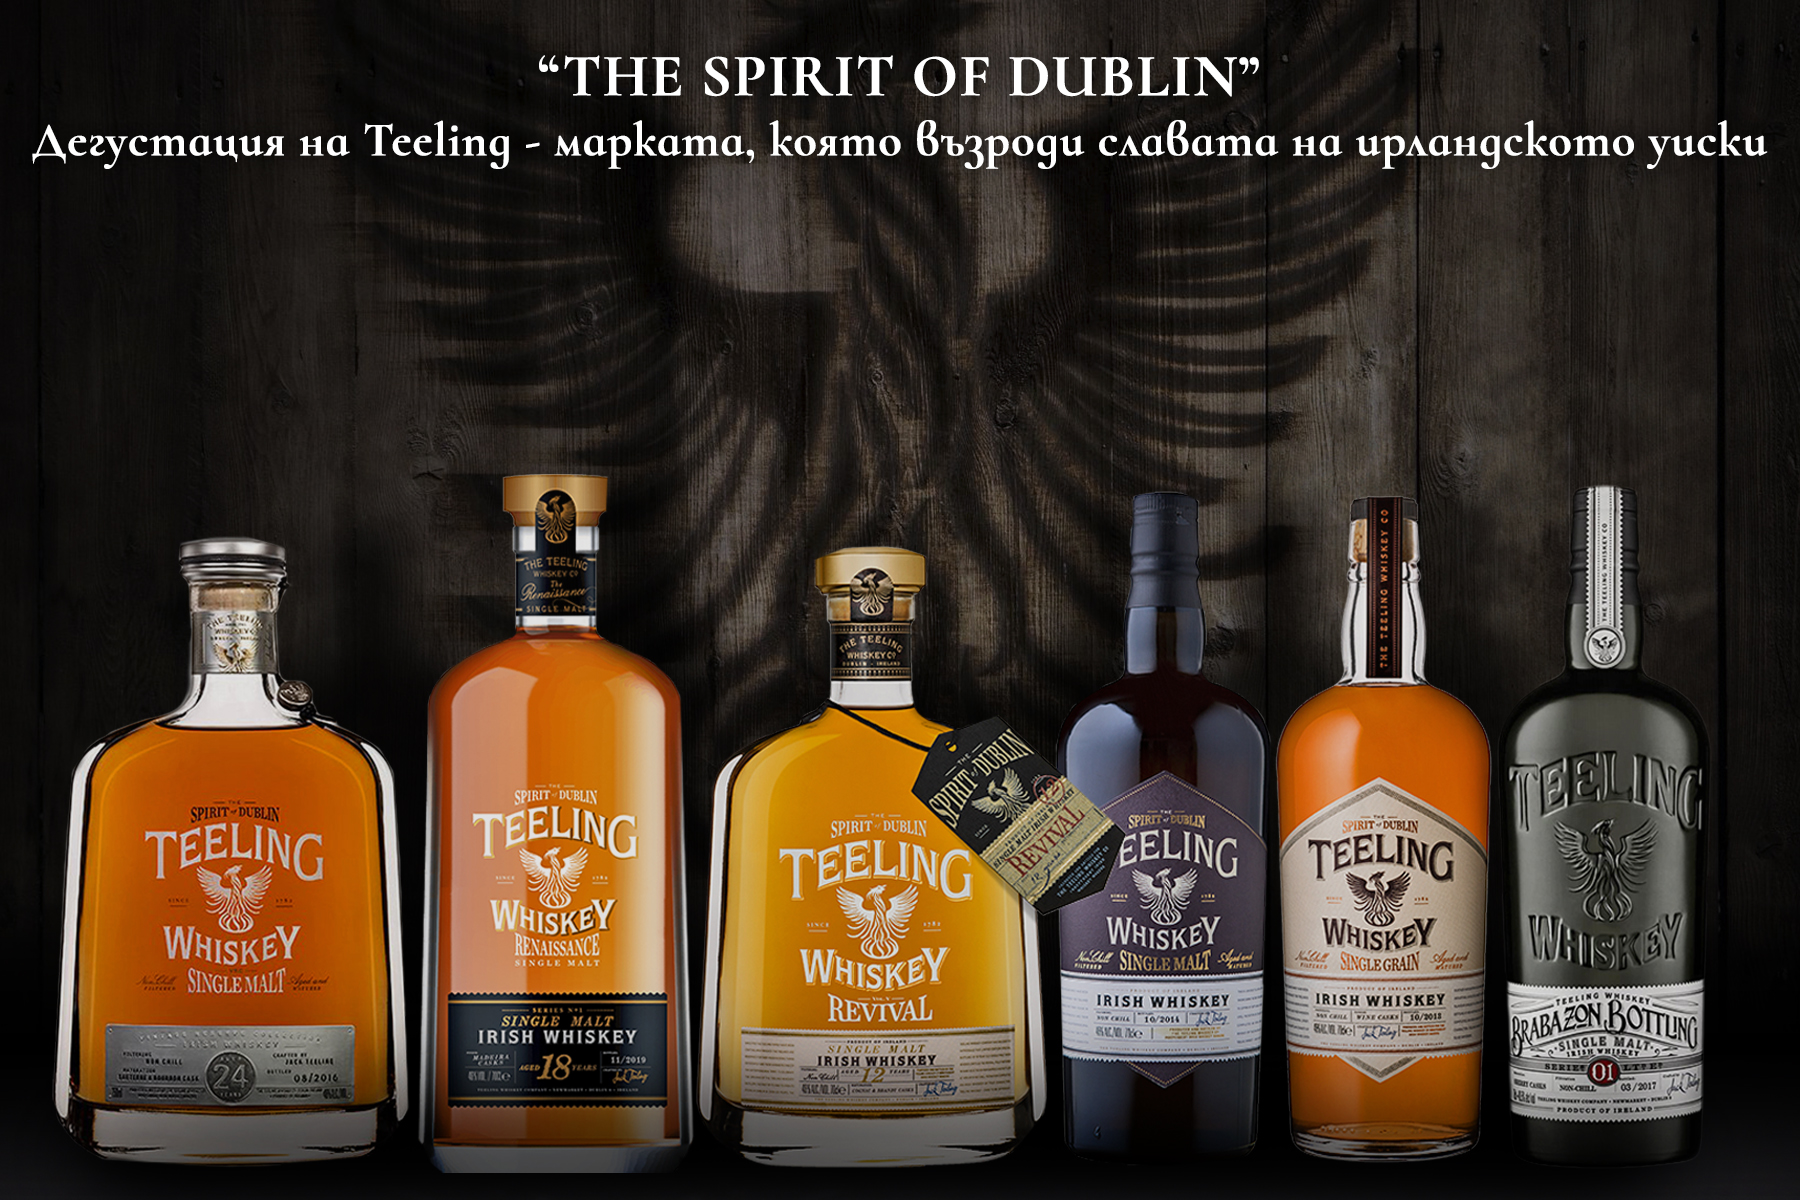 Teeling - The Spirit of Dublin